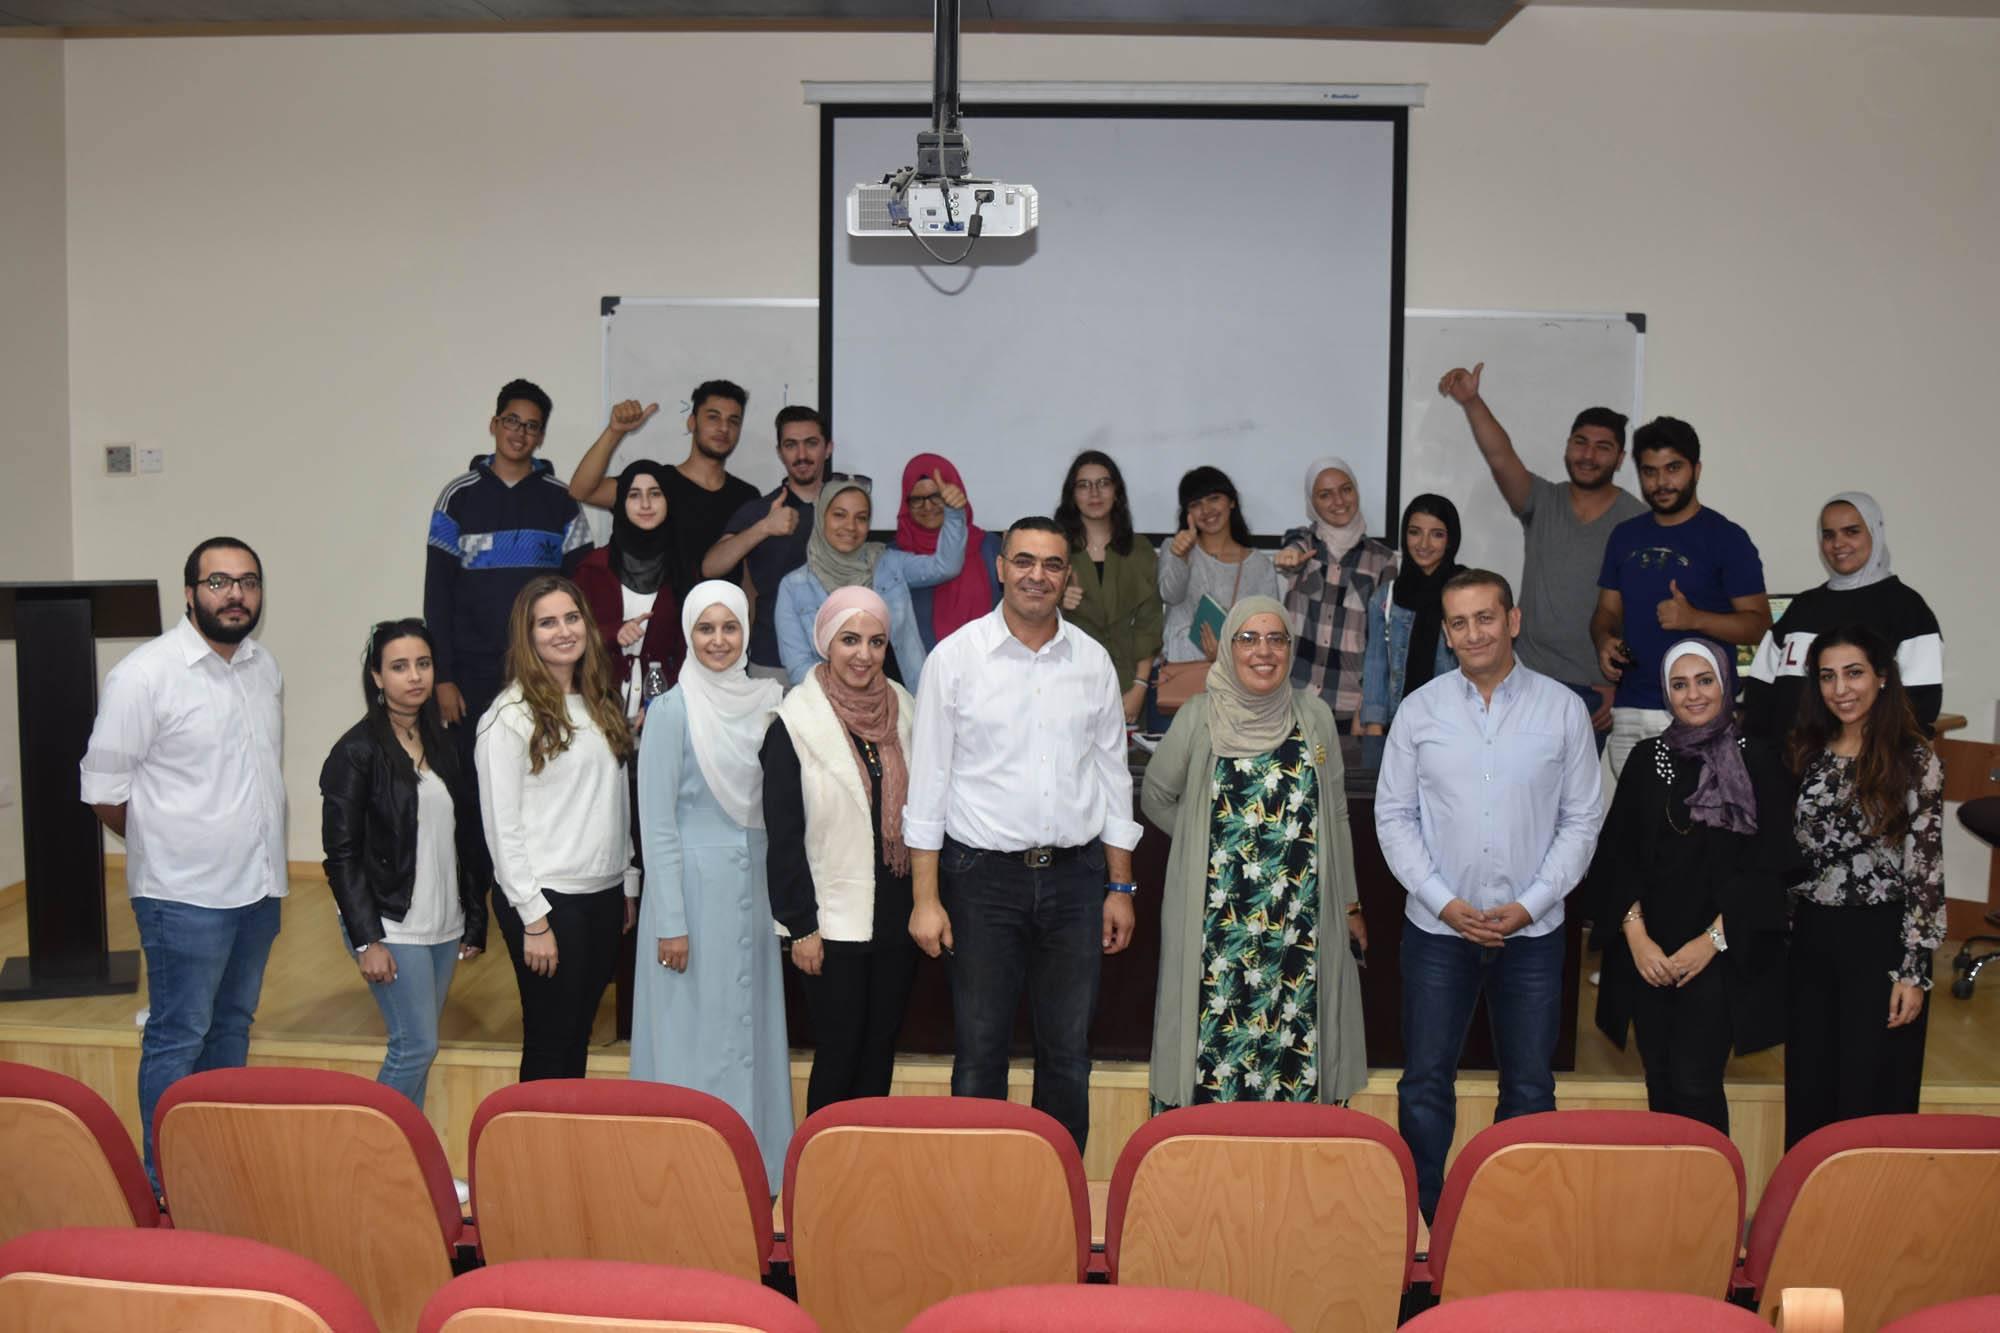 بالصور ..  كلية العمارة والتصميم بجامعة البترا تنظم لقاءًا ترحيبيًا لطلبتها